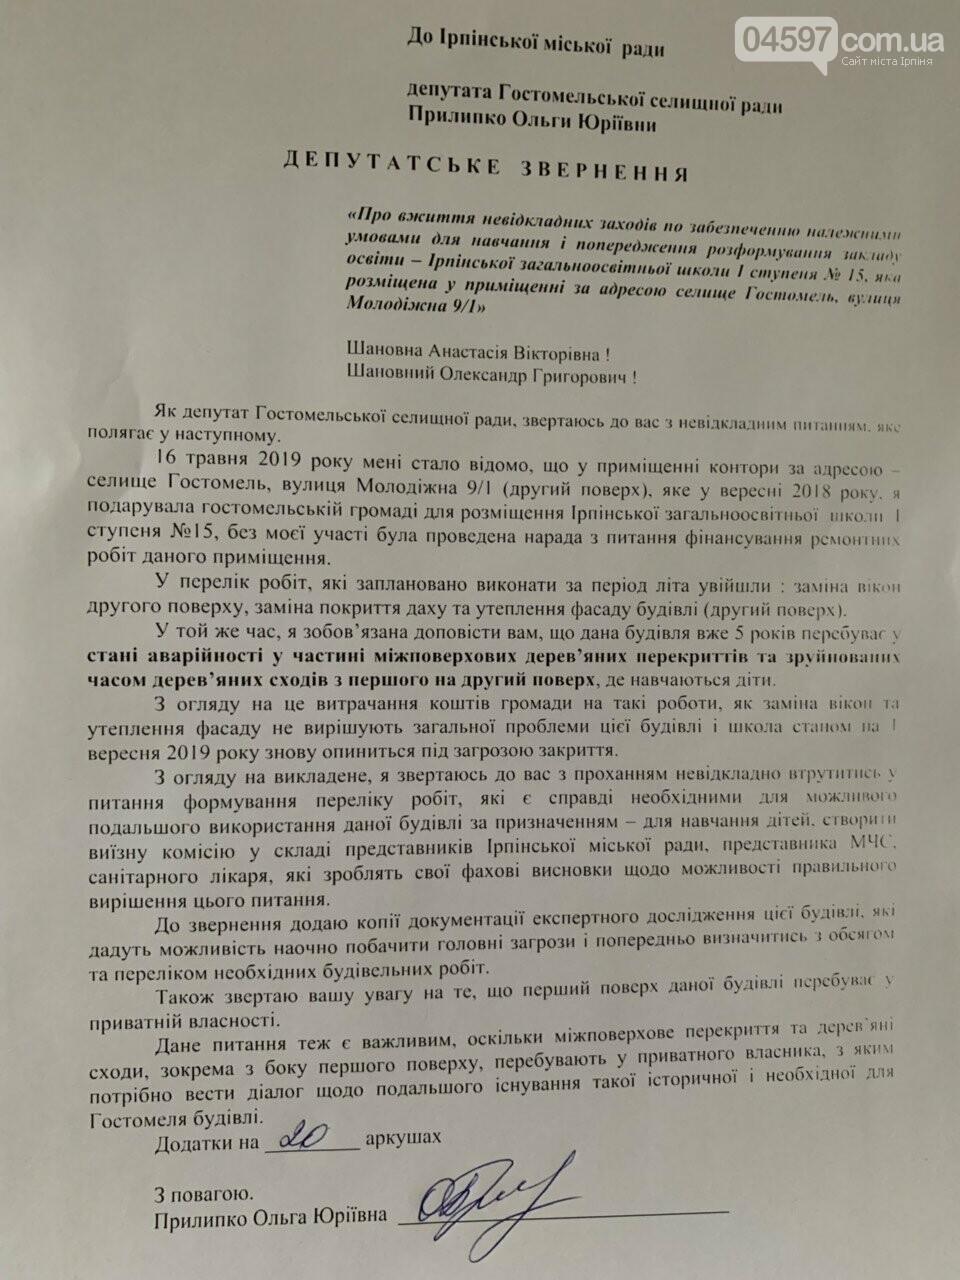 Ольга Прилипко: школа 15 потребує капітального ремонту, фото-8